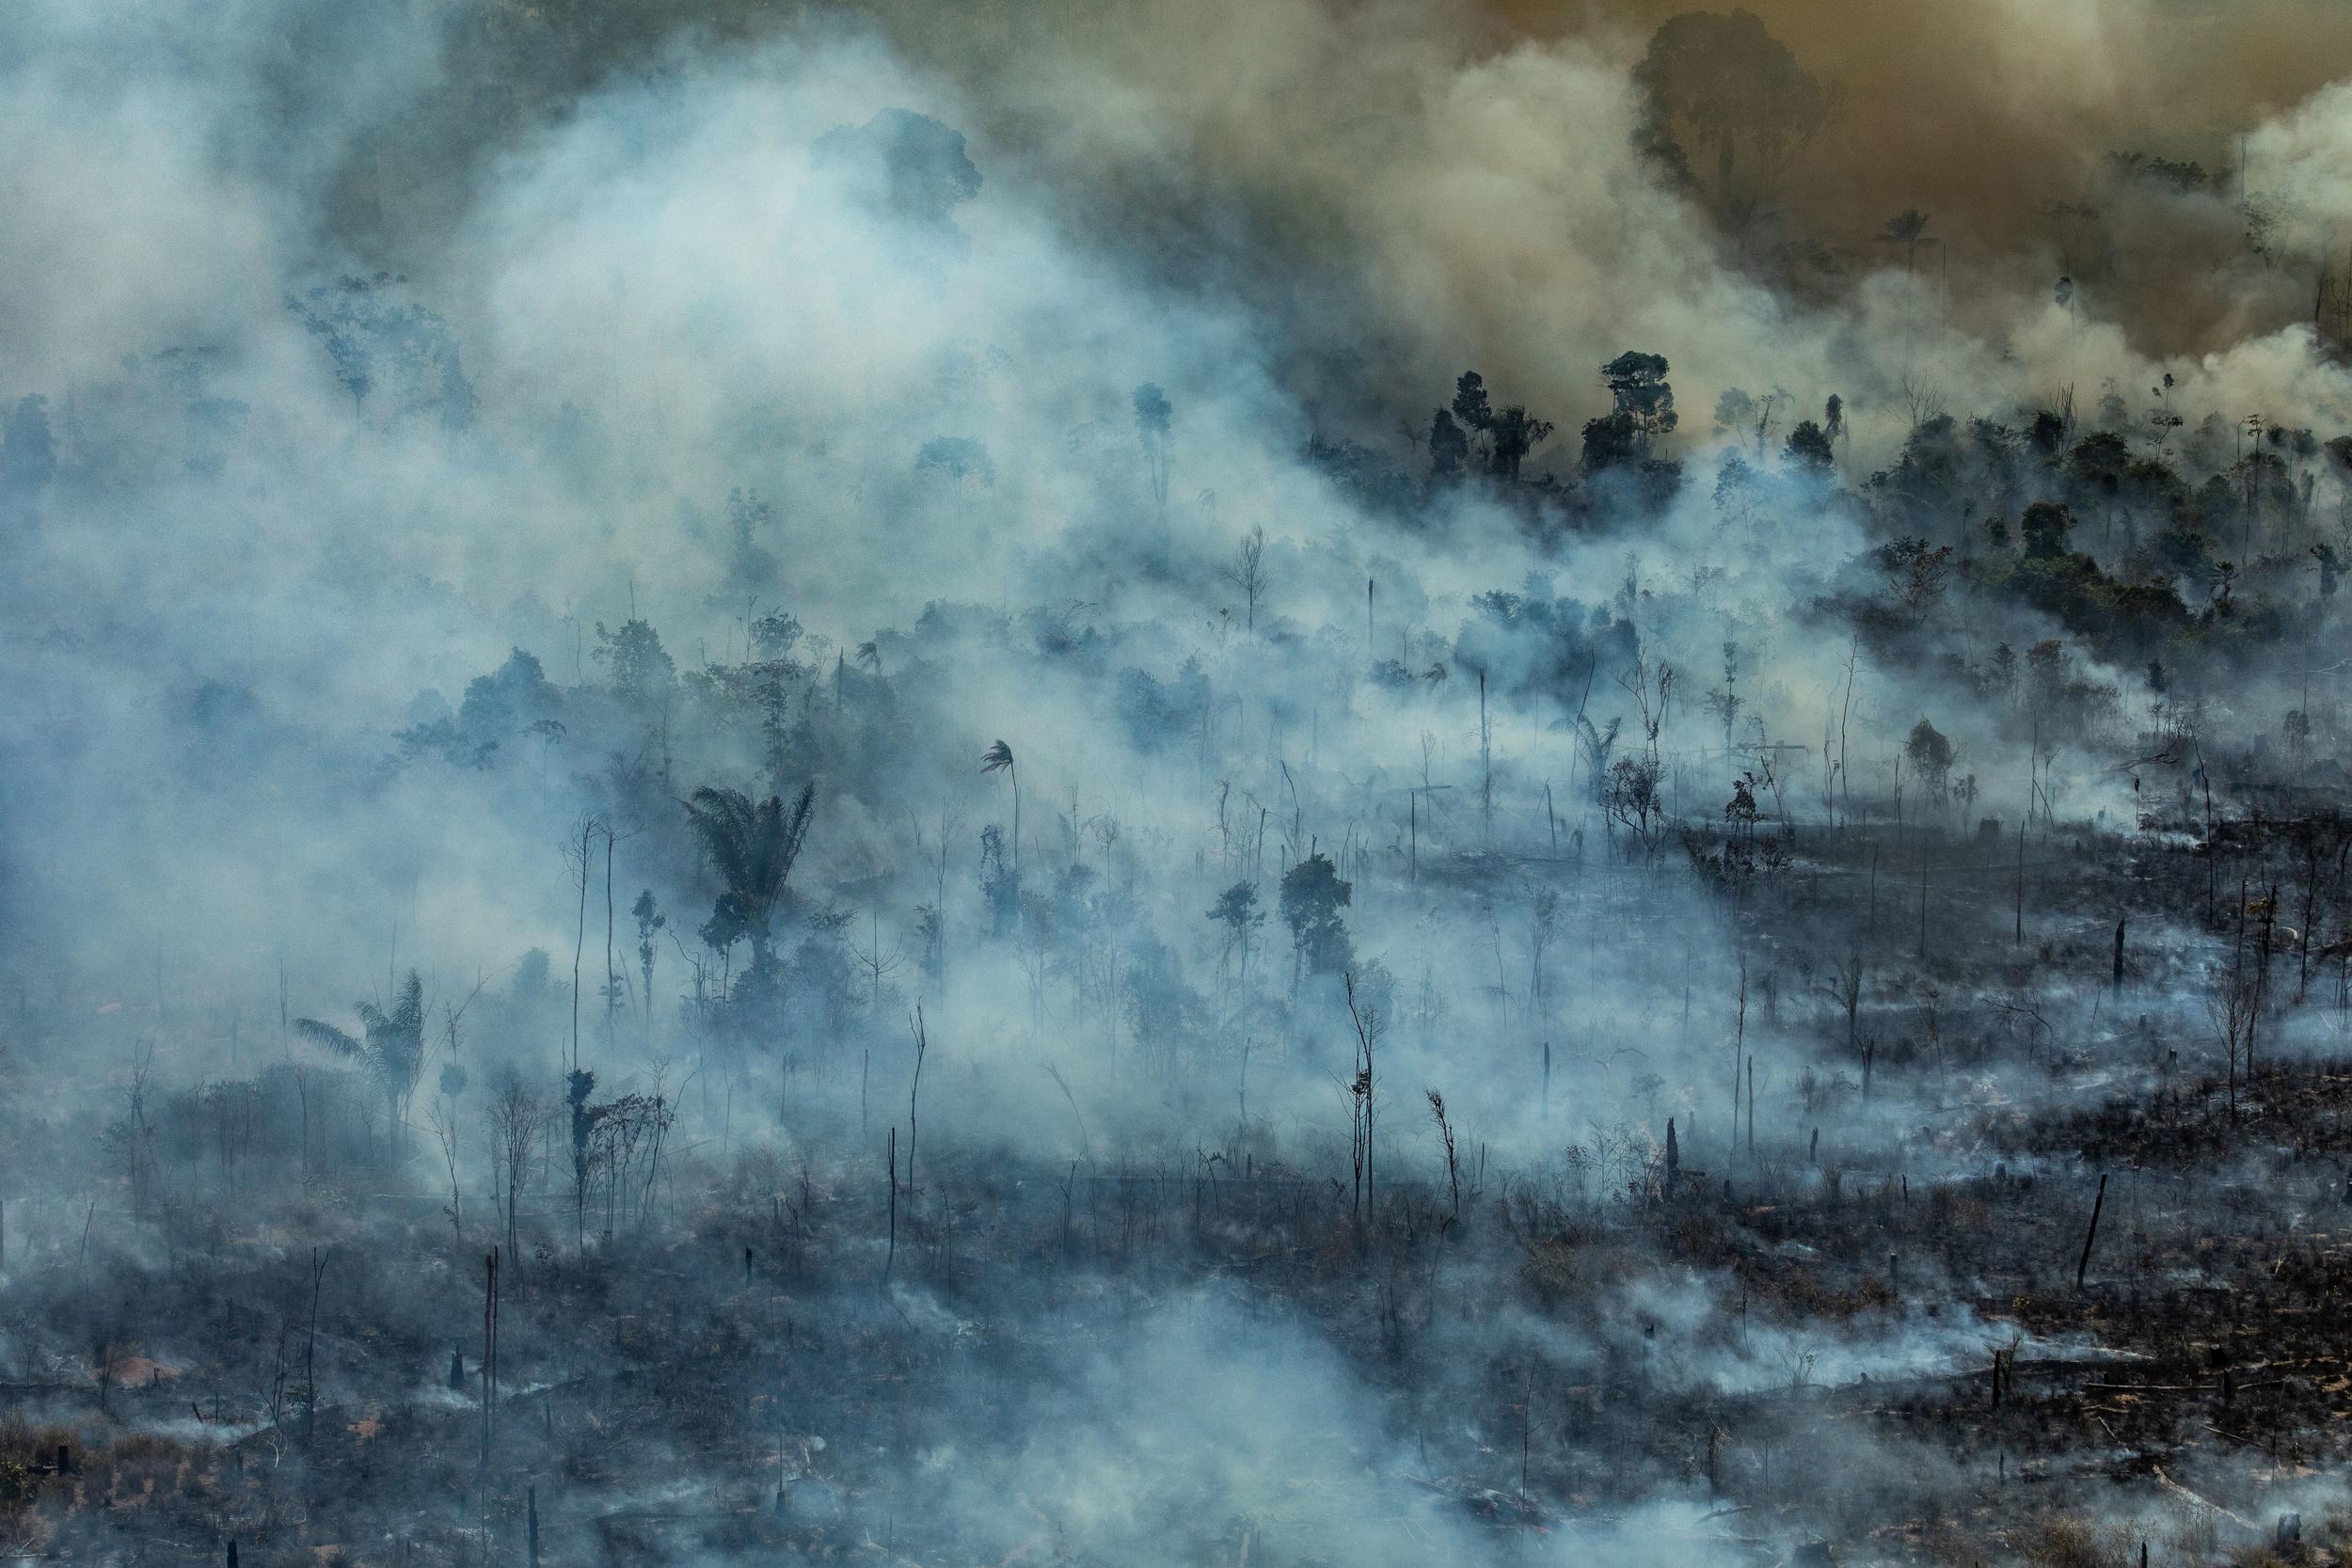 Incendios en la Amazonía. Novo Progresso, Para, Brasil. Incendio en Jamanxim APA. Foto: Victor Moriyama / Greenpeace.